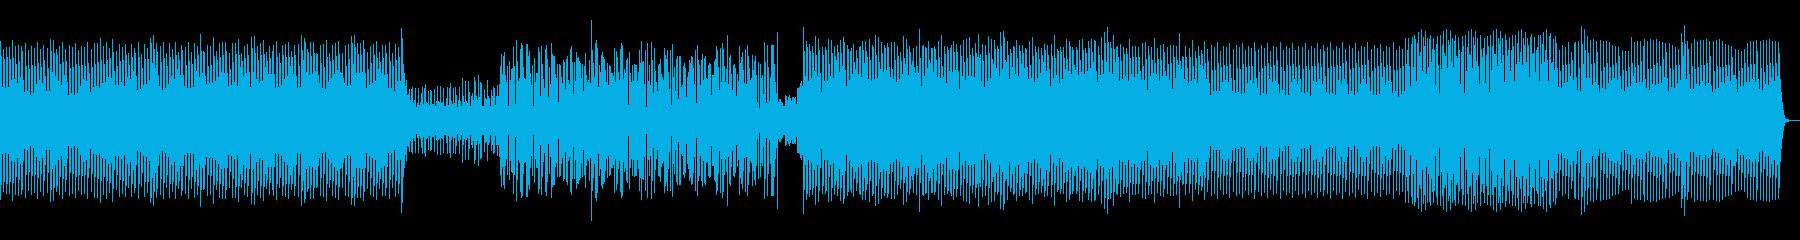 ミニマルで緊張感あるテクノの再生済みの波形